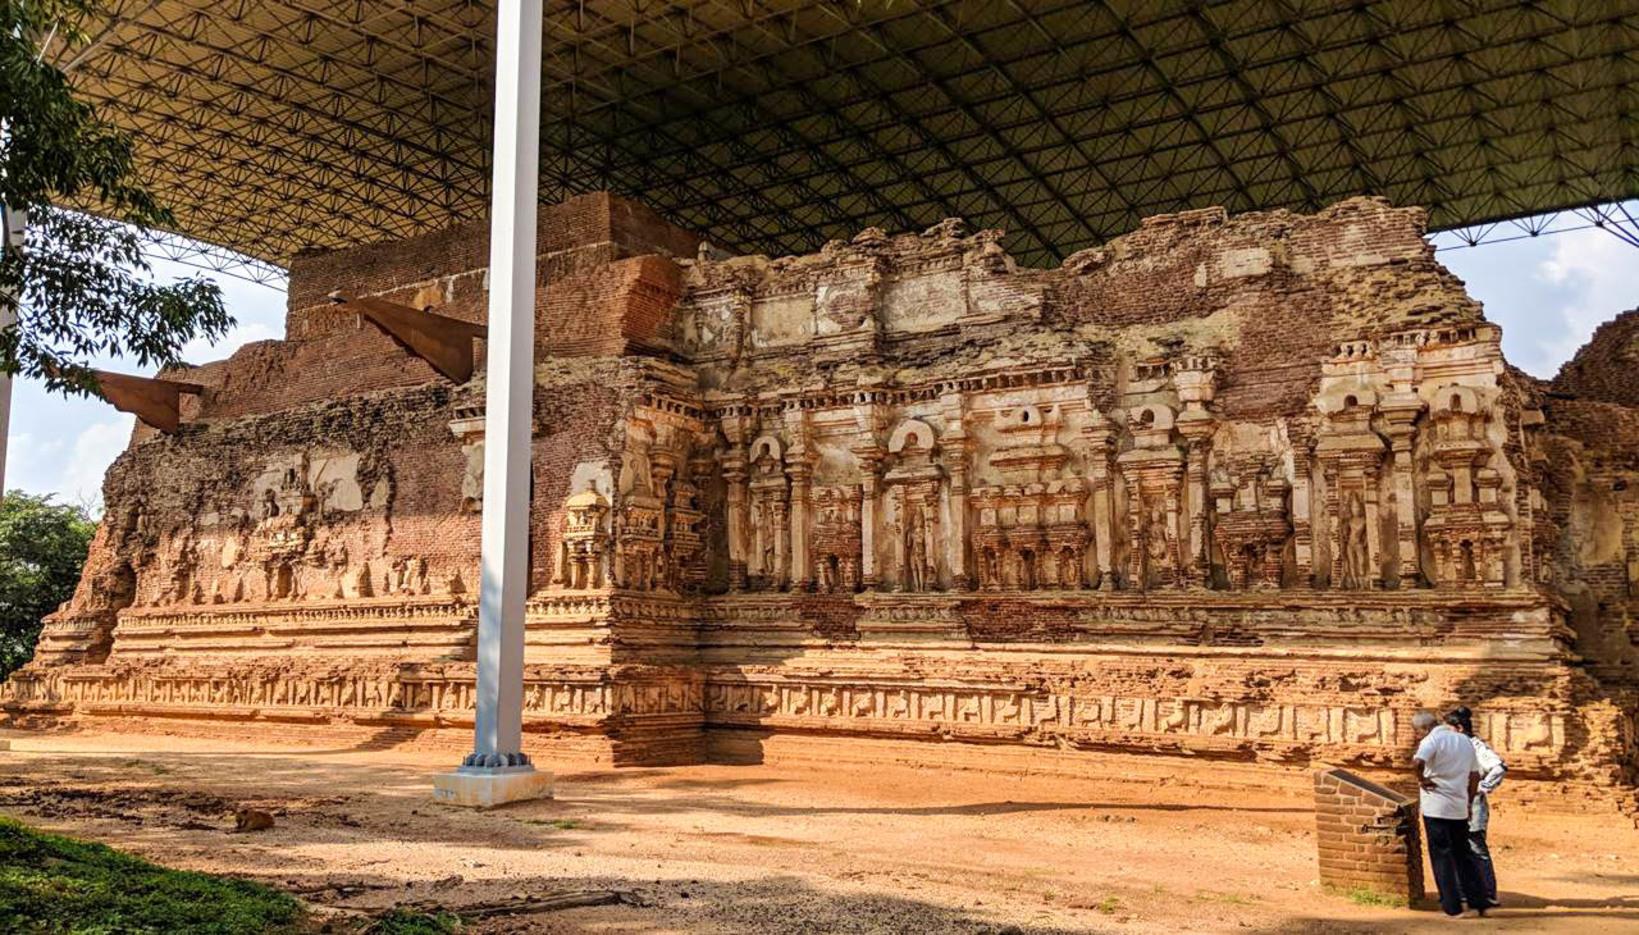 Thivanka Image House, Polonnaruwa